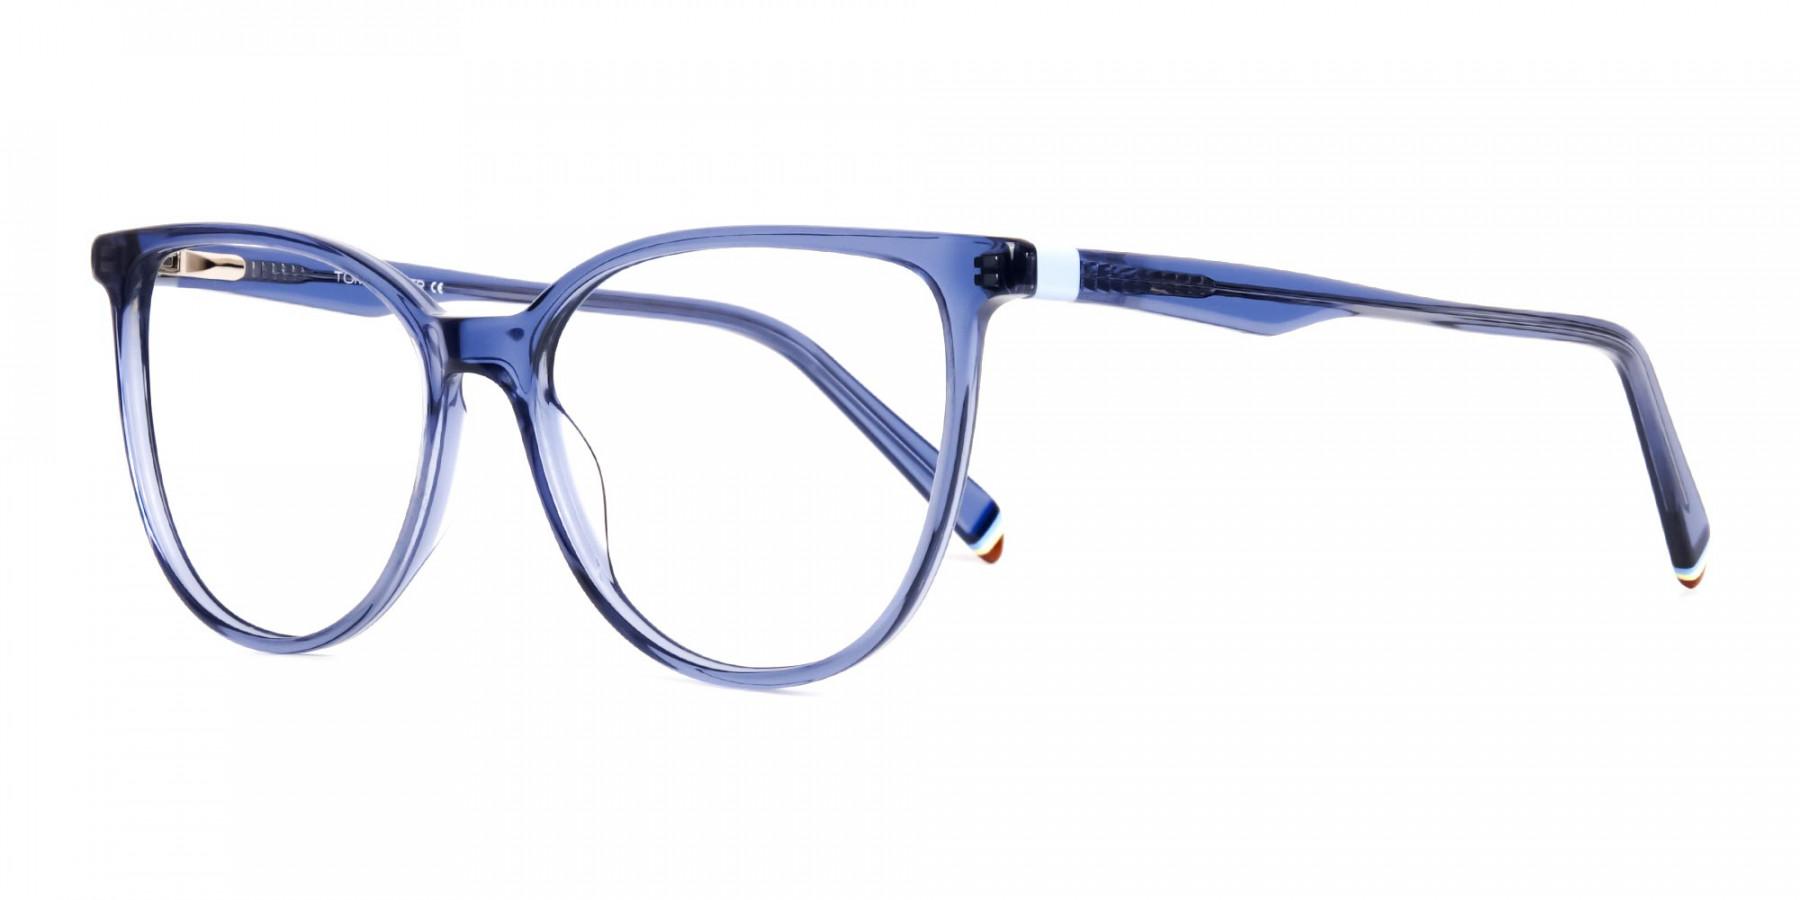 Blue-Transparent-Cat-eye-Glasses-Frames-1